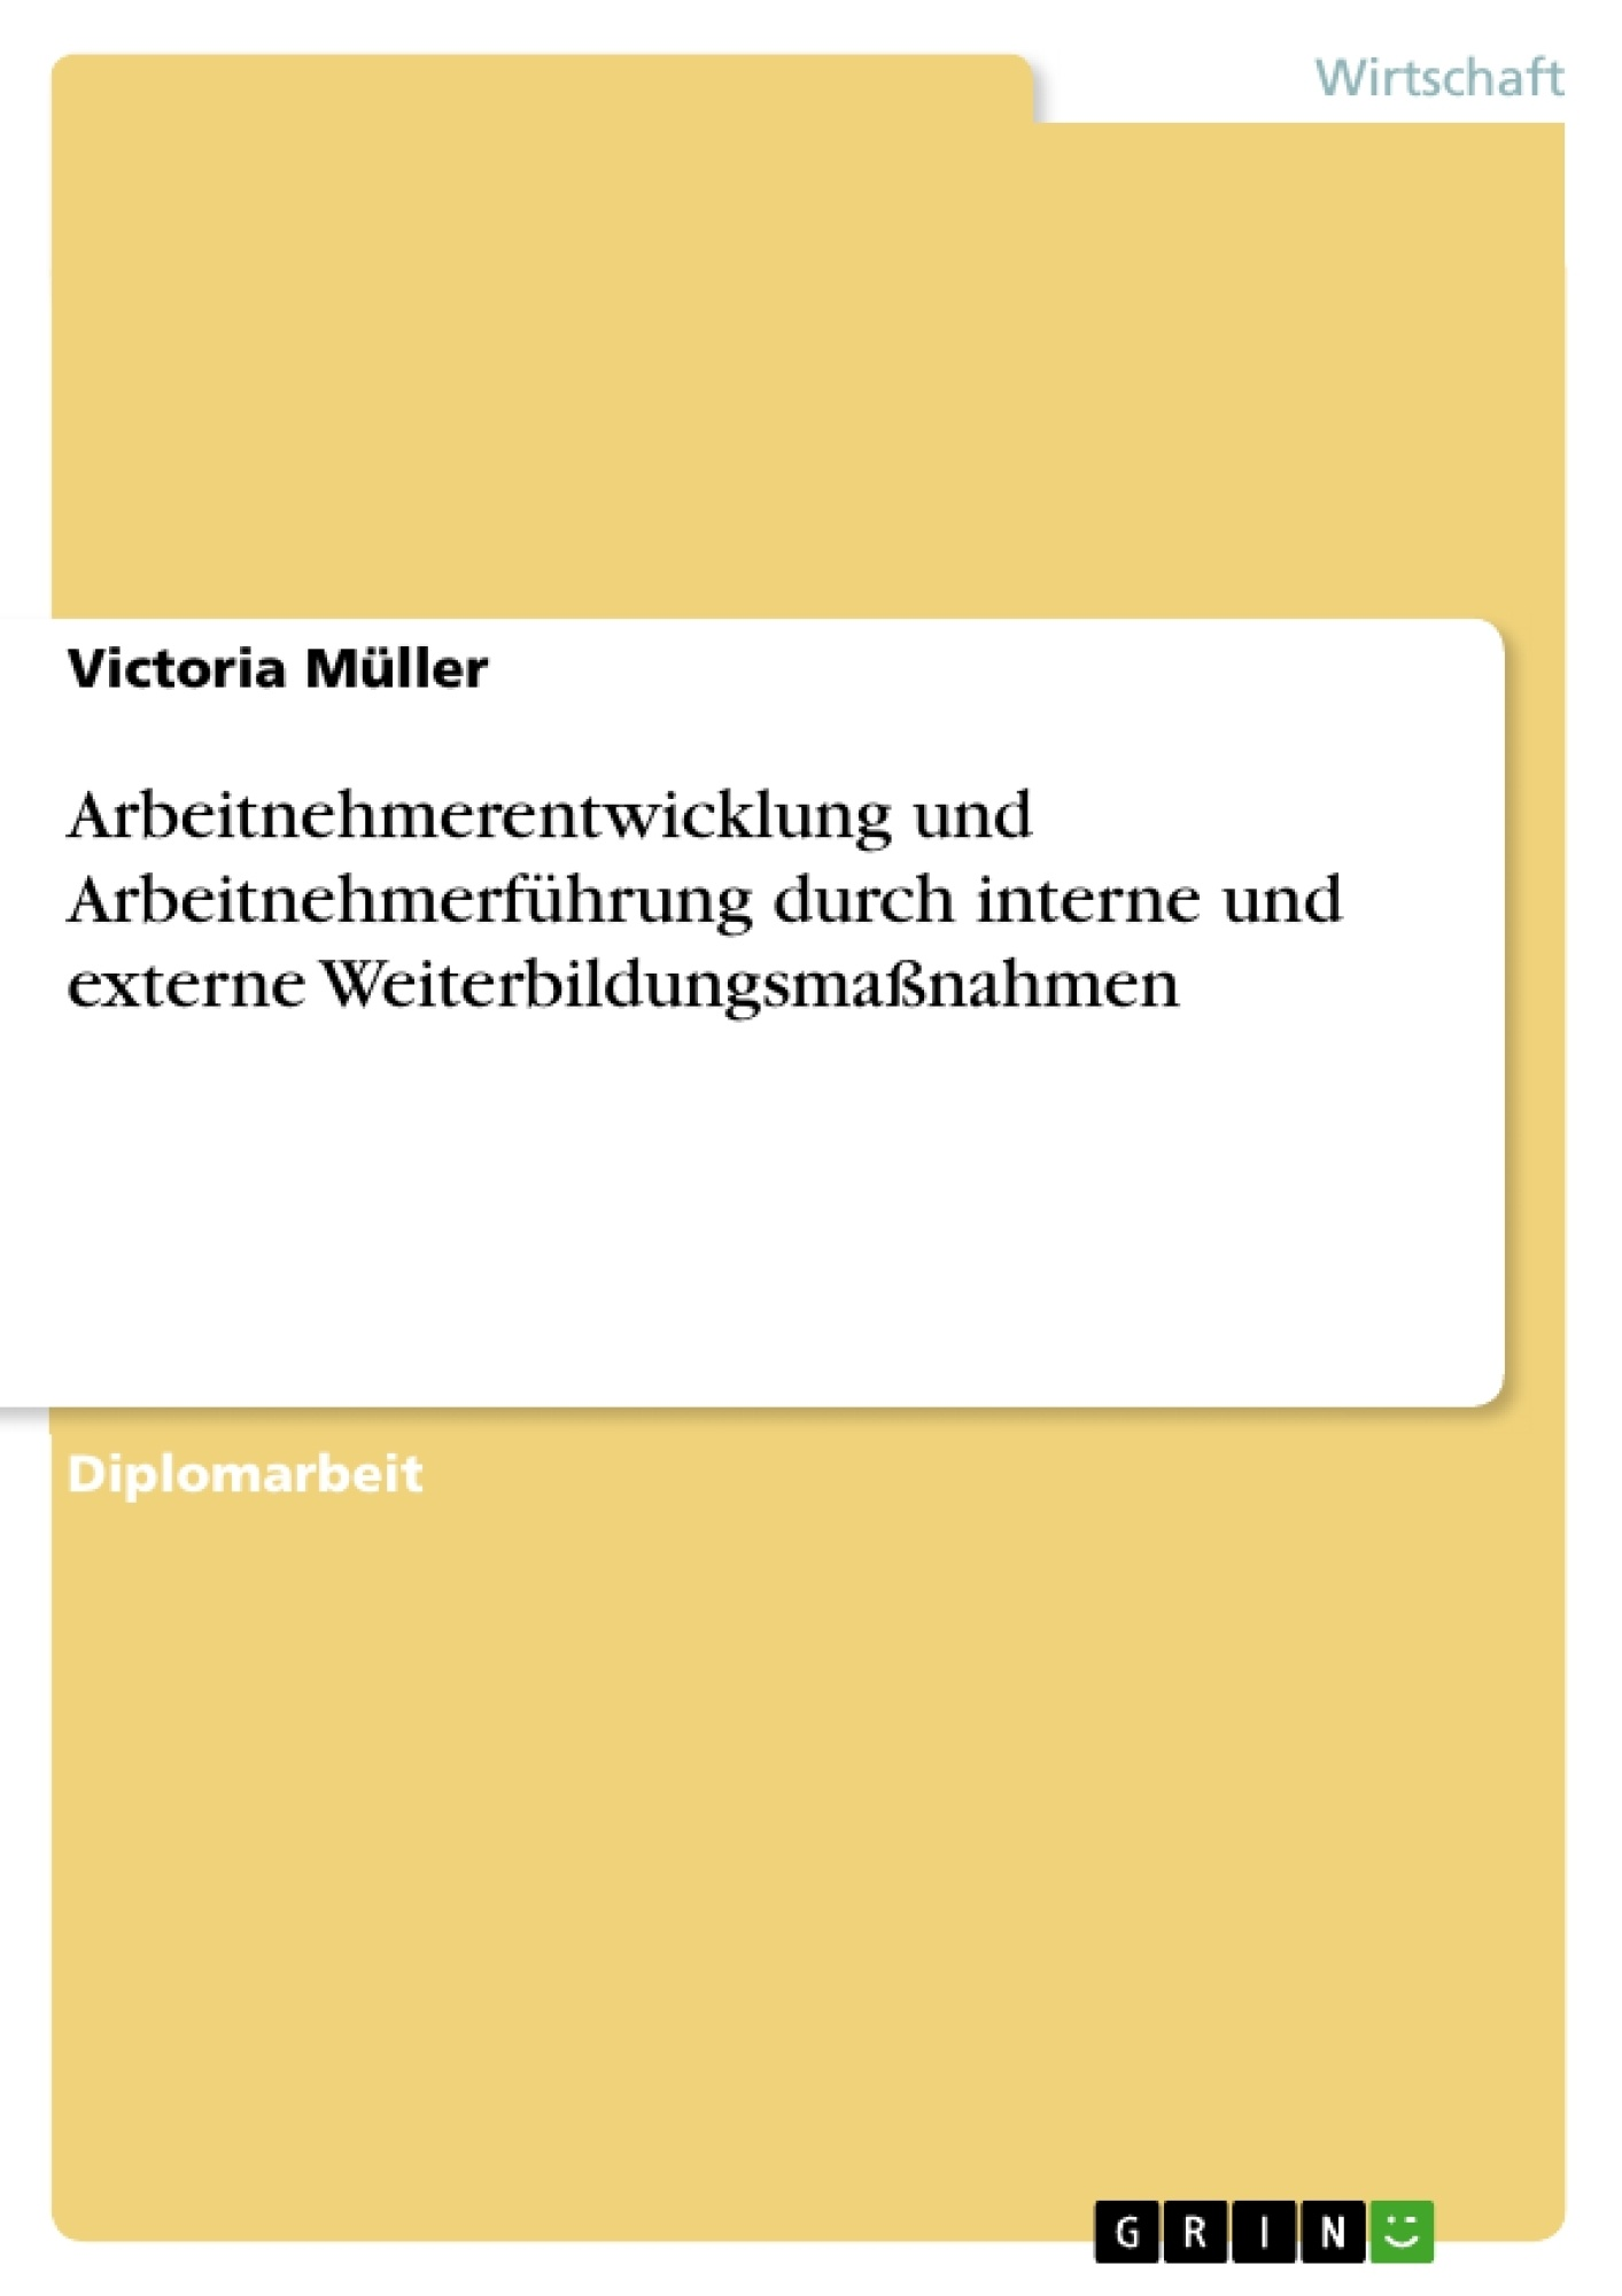 Titel: Arbeitnehmerentwicklung und Arbeitnehmerführung durch interne und externe Weiterbildungsmaßnahmen